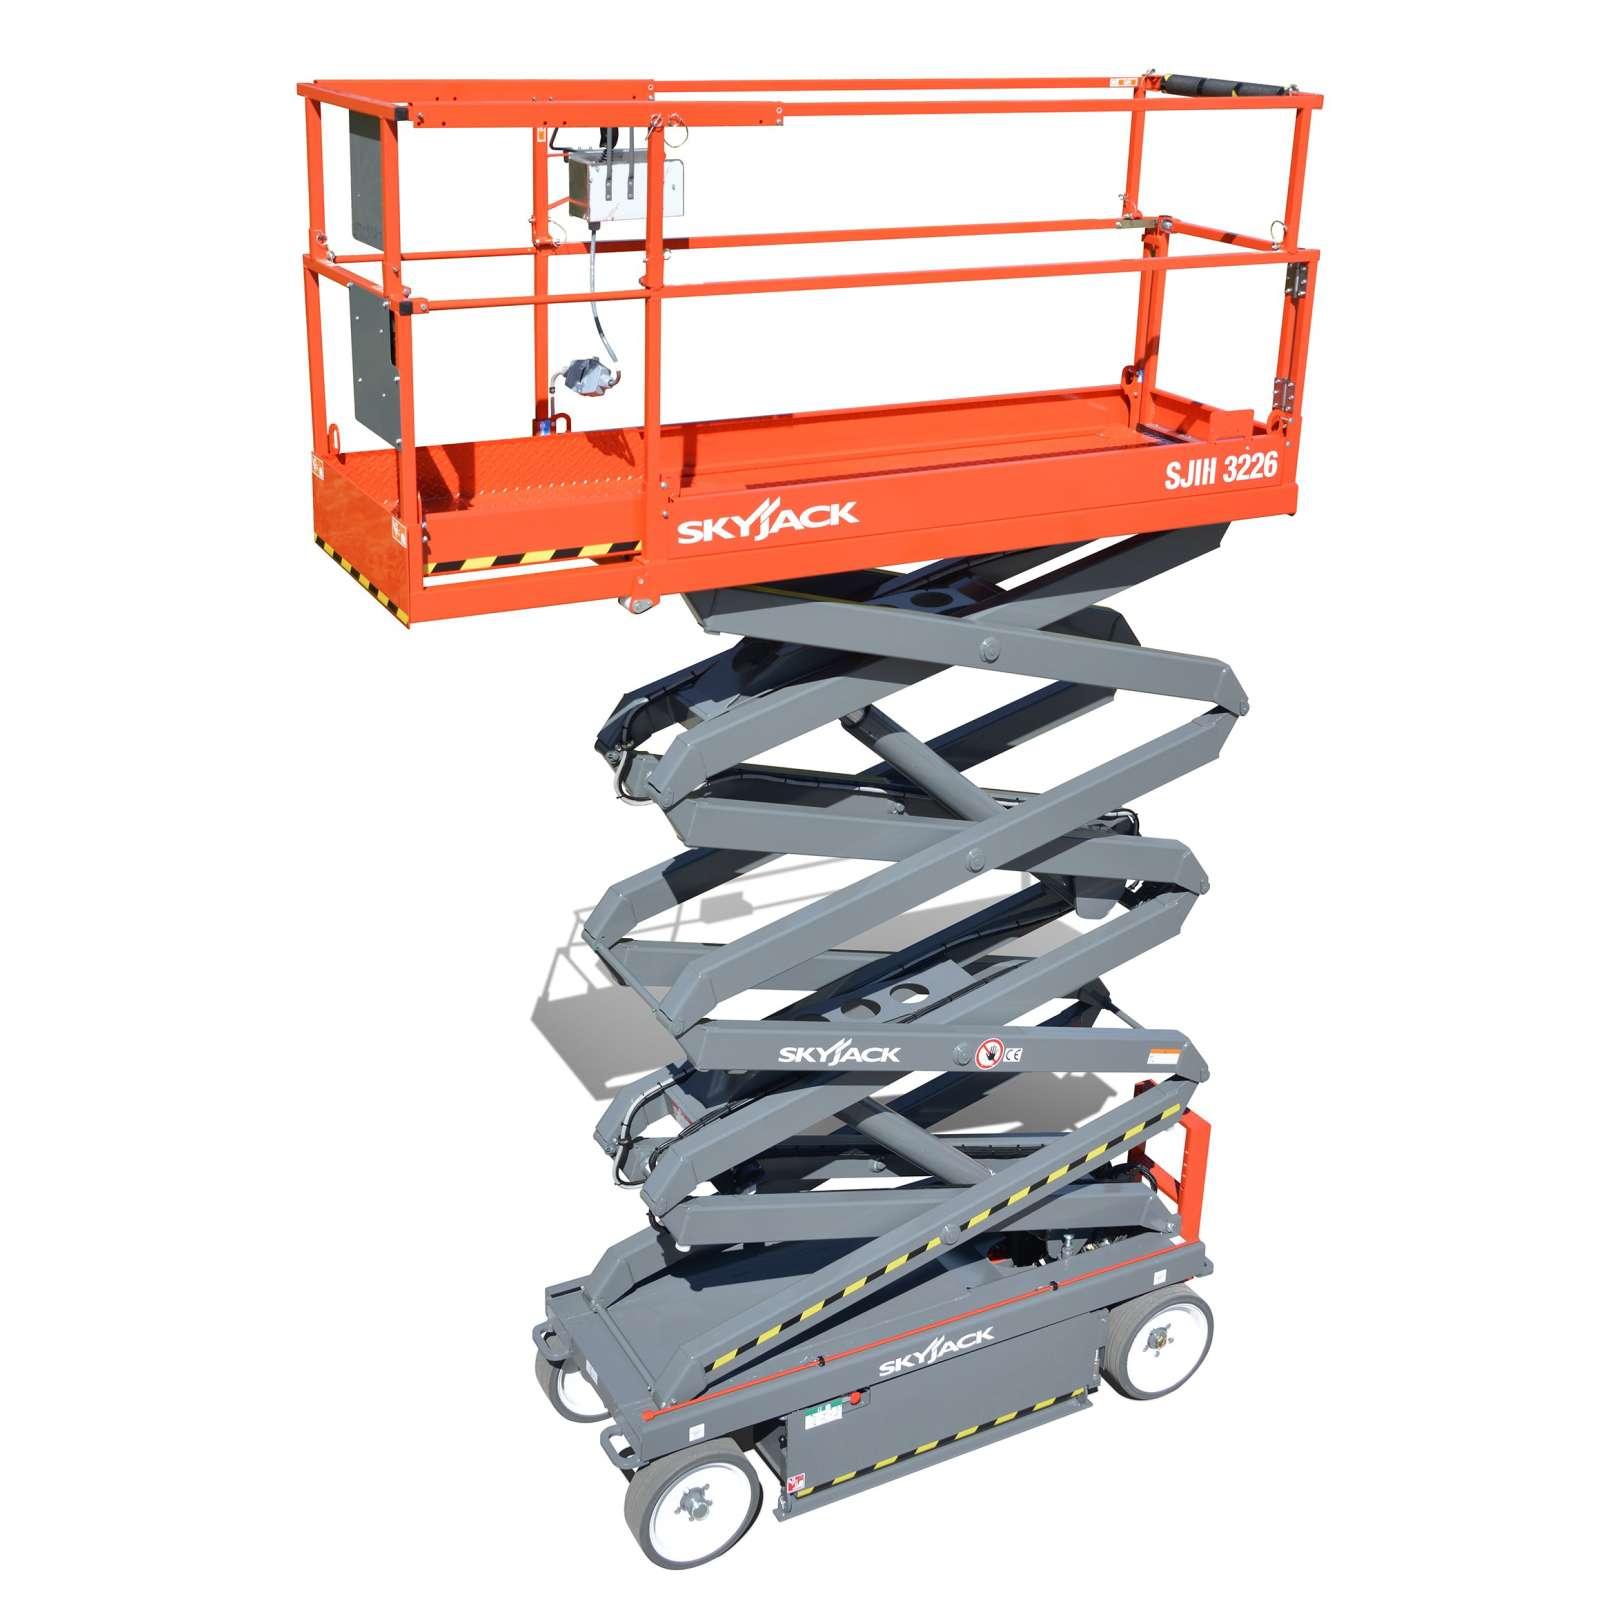 skyjack sj111 3226  wh 9 9m  scissor lift hire